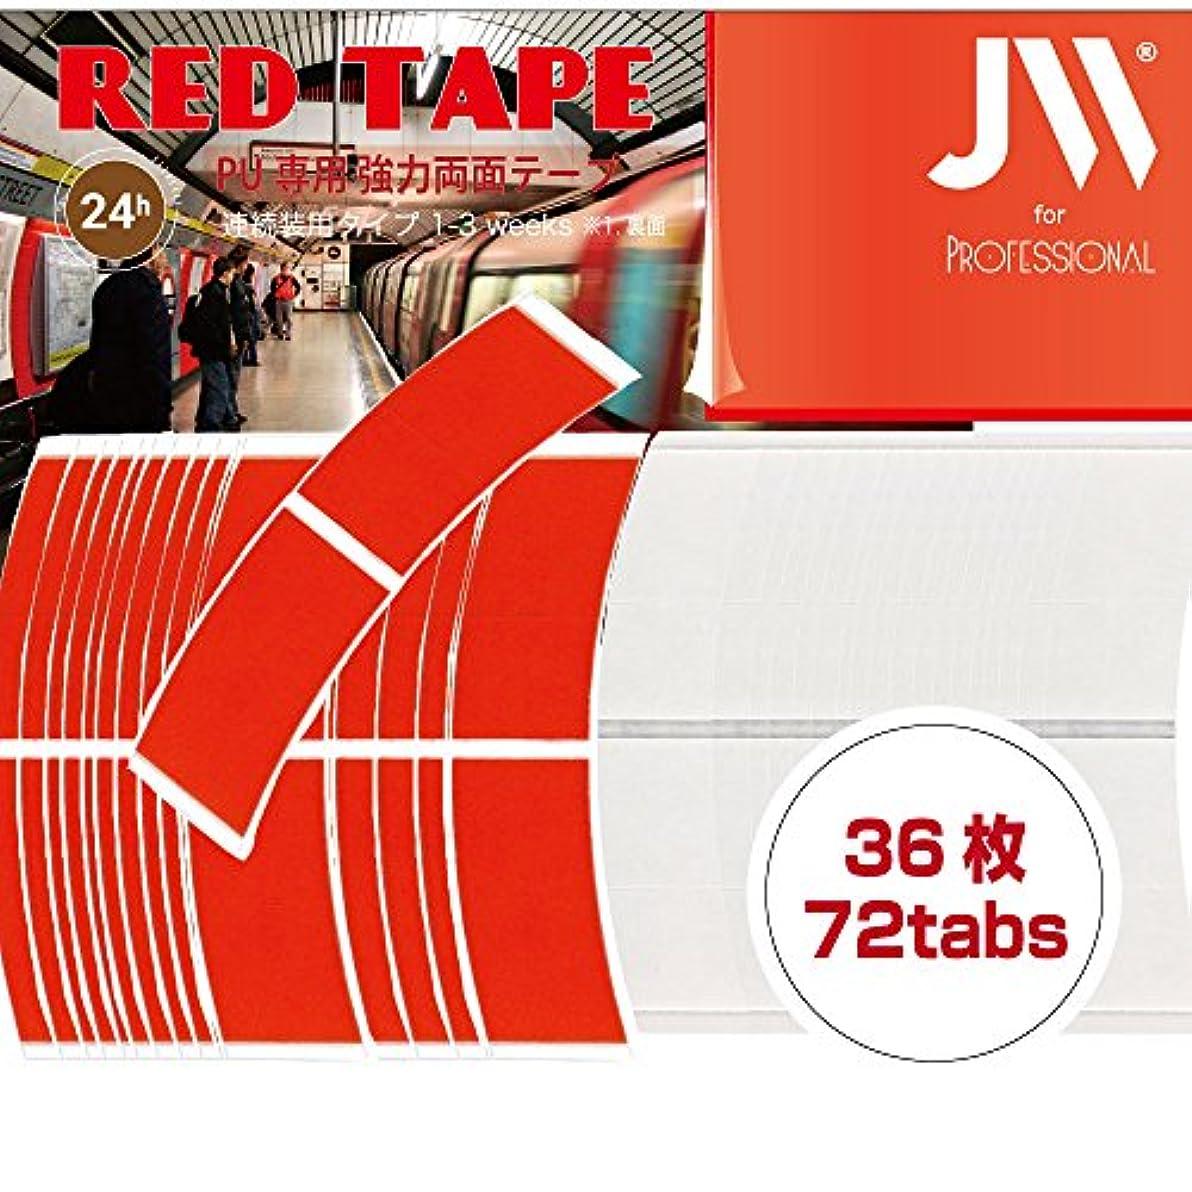 非武装化全能全能強力両面テープ:RED TAPE1袋36枚入り(小分け72枚)テープ形状:アジアカーブ …